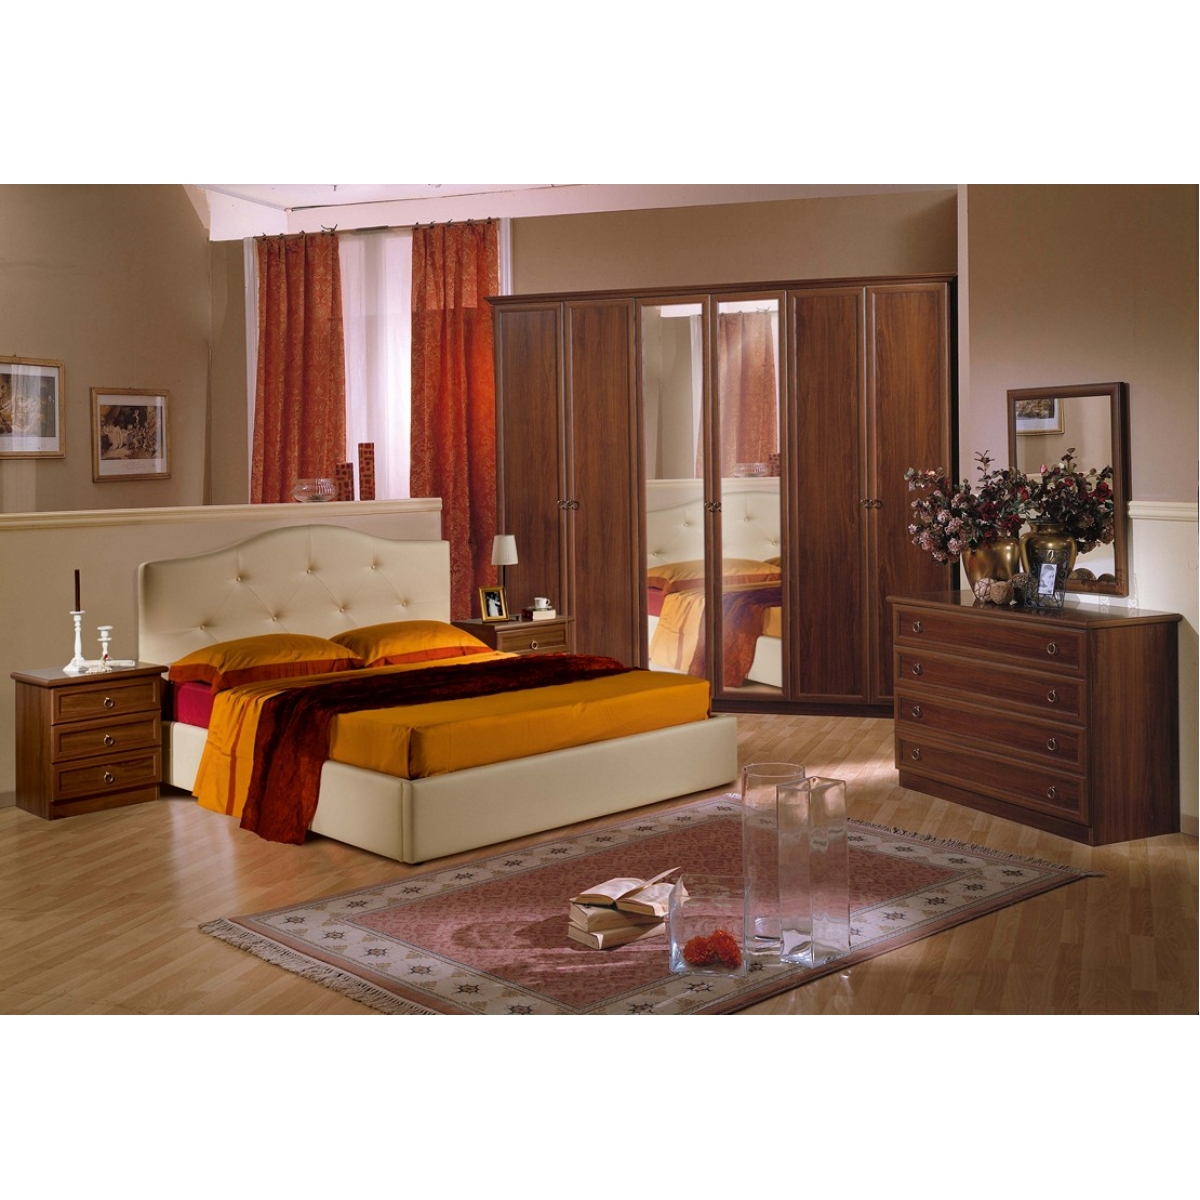 869 camera da letto classica noce letto contenitore - Camera da letto classica ...